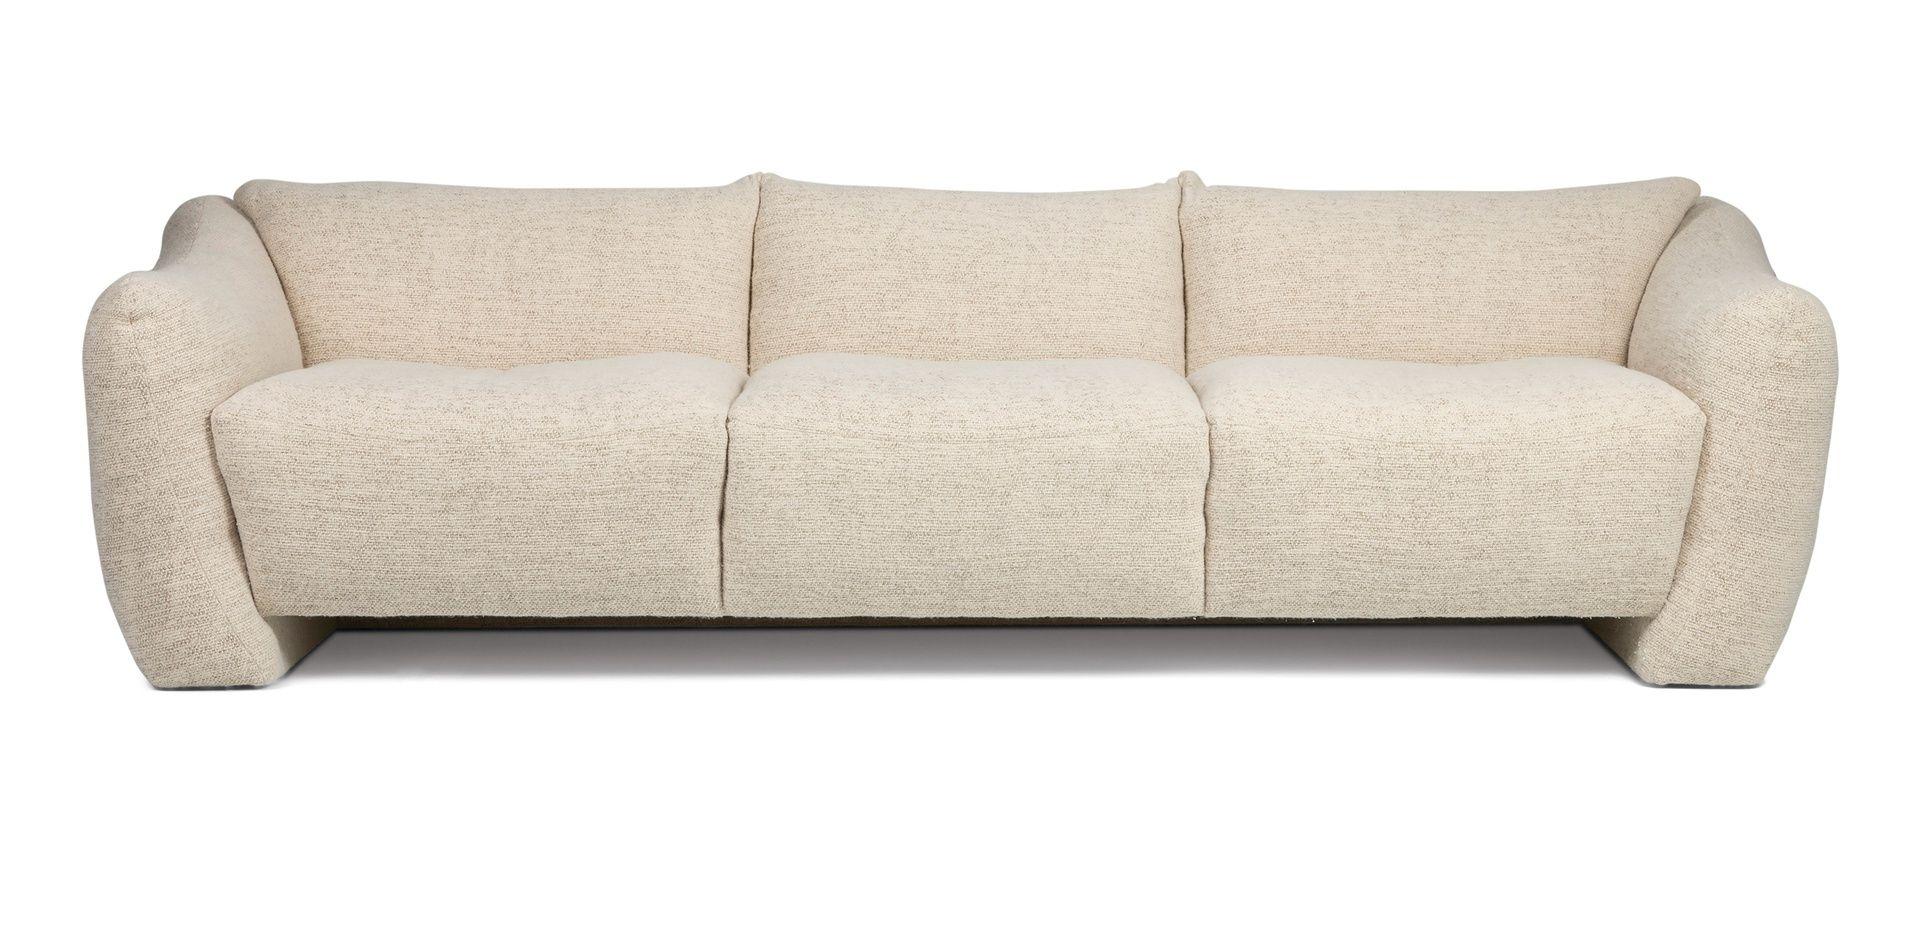 Pin By Tori Pelham On 14 E 62nd Sofa Contemporary Modern Sofas Modern Sofa